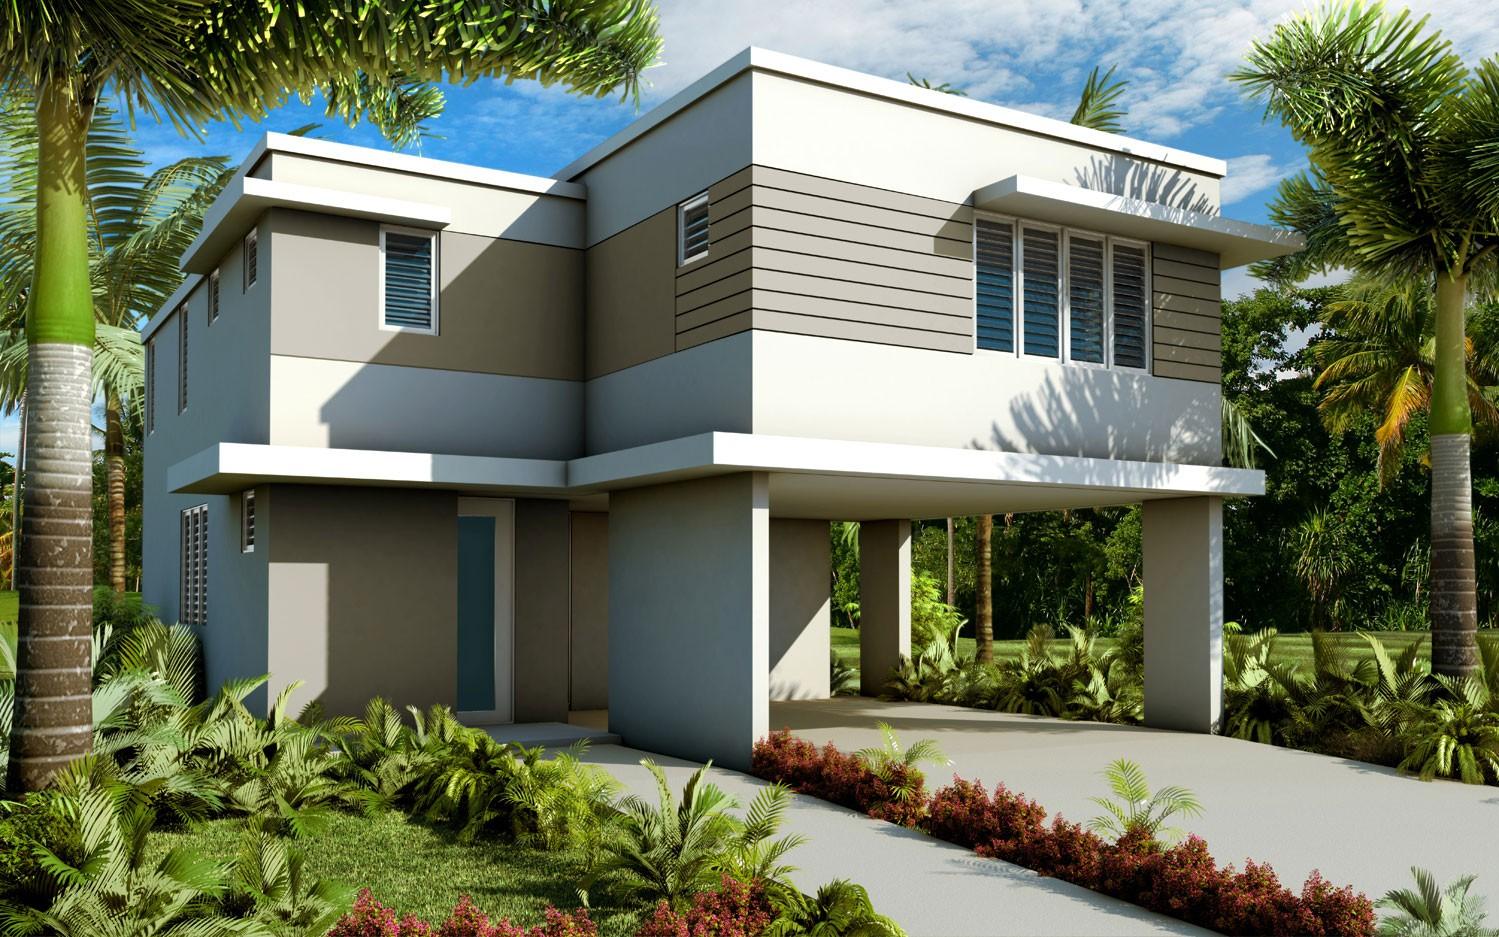 Estancias de los artesanos casas las piedras puerto rico for Proyectos casas nueva